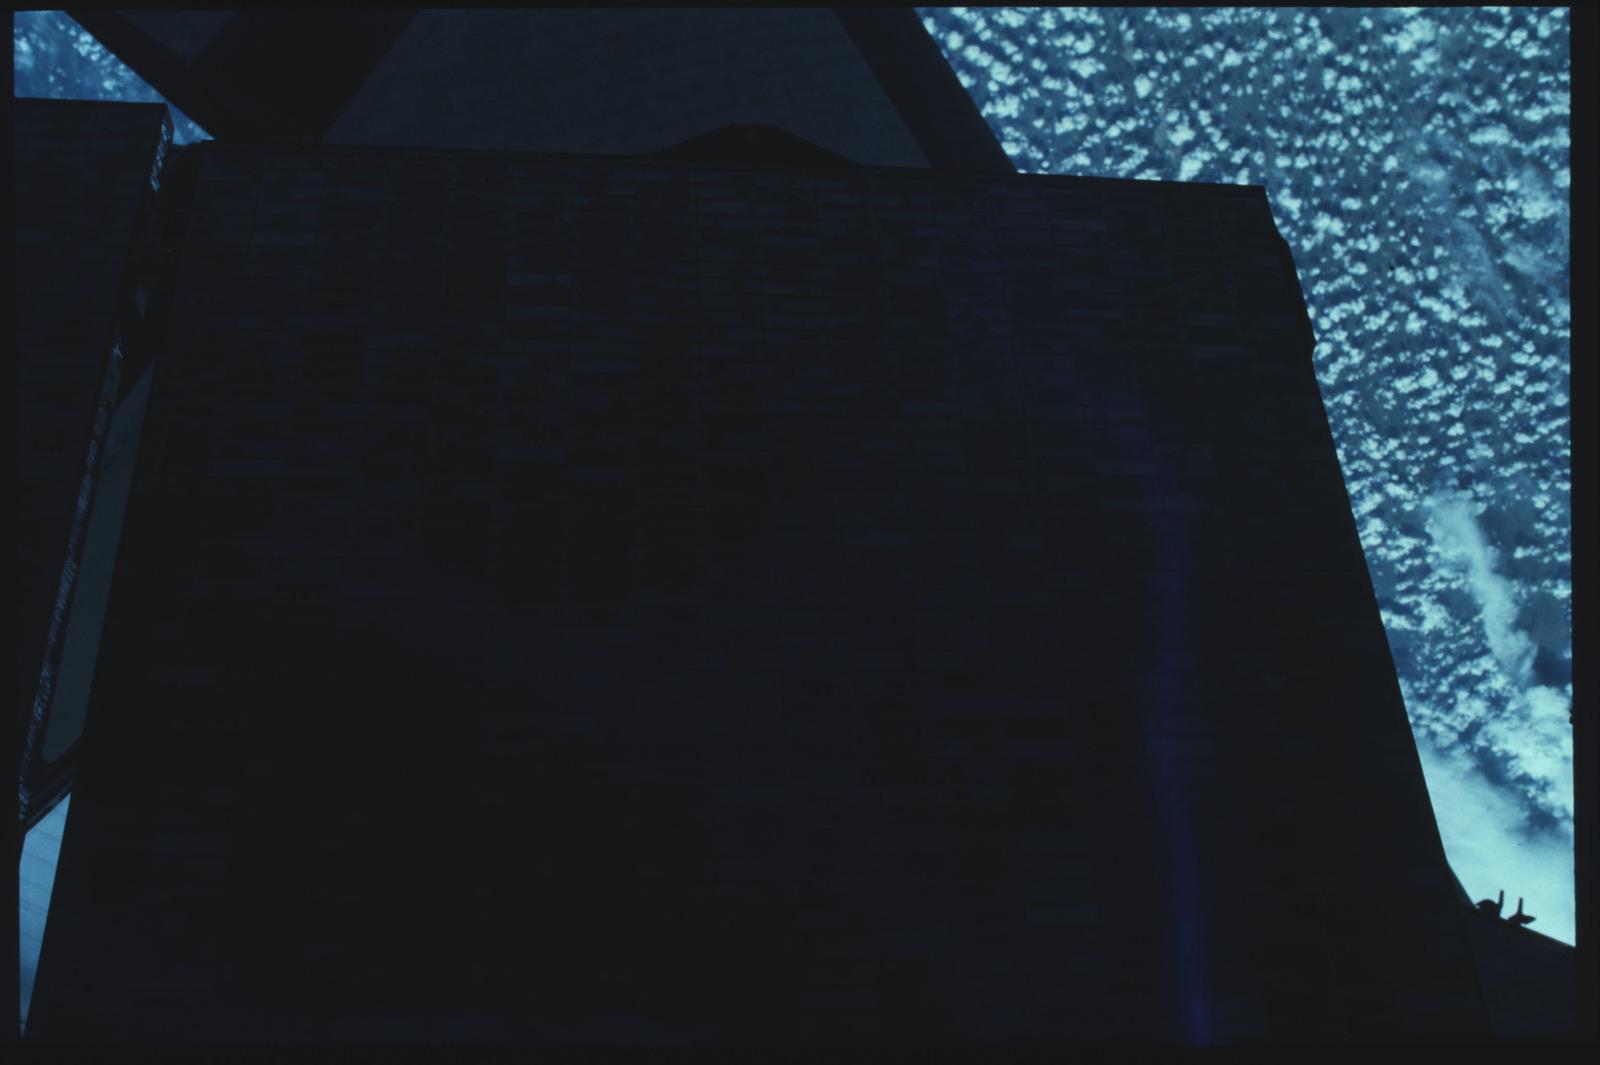 41C-22-941 - STS-41C - EVA to repair the SMM satellite